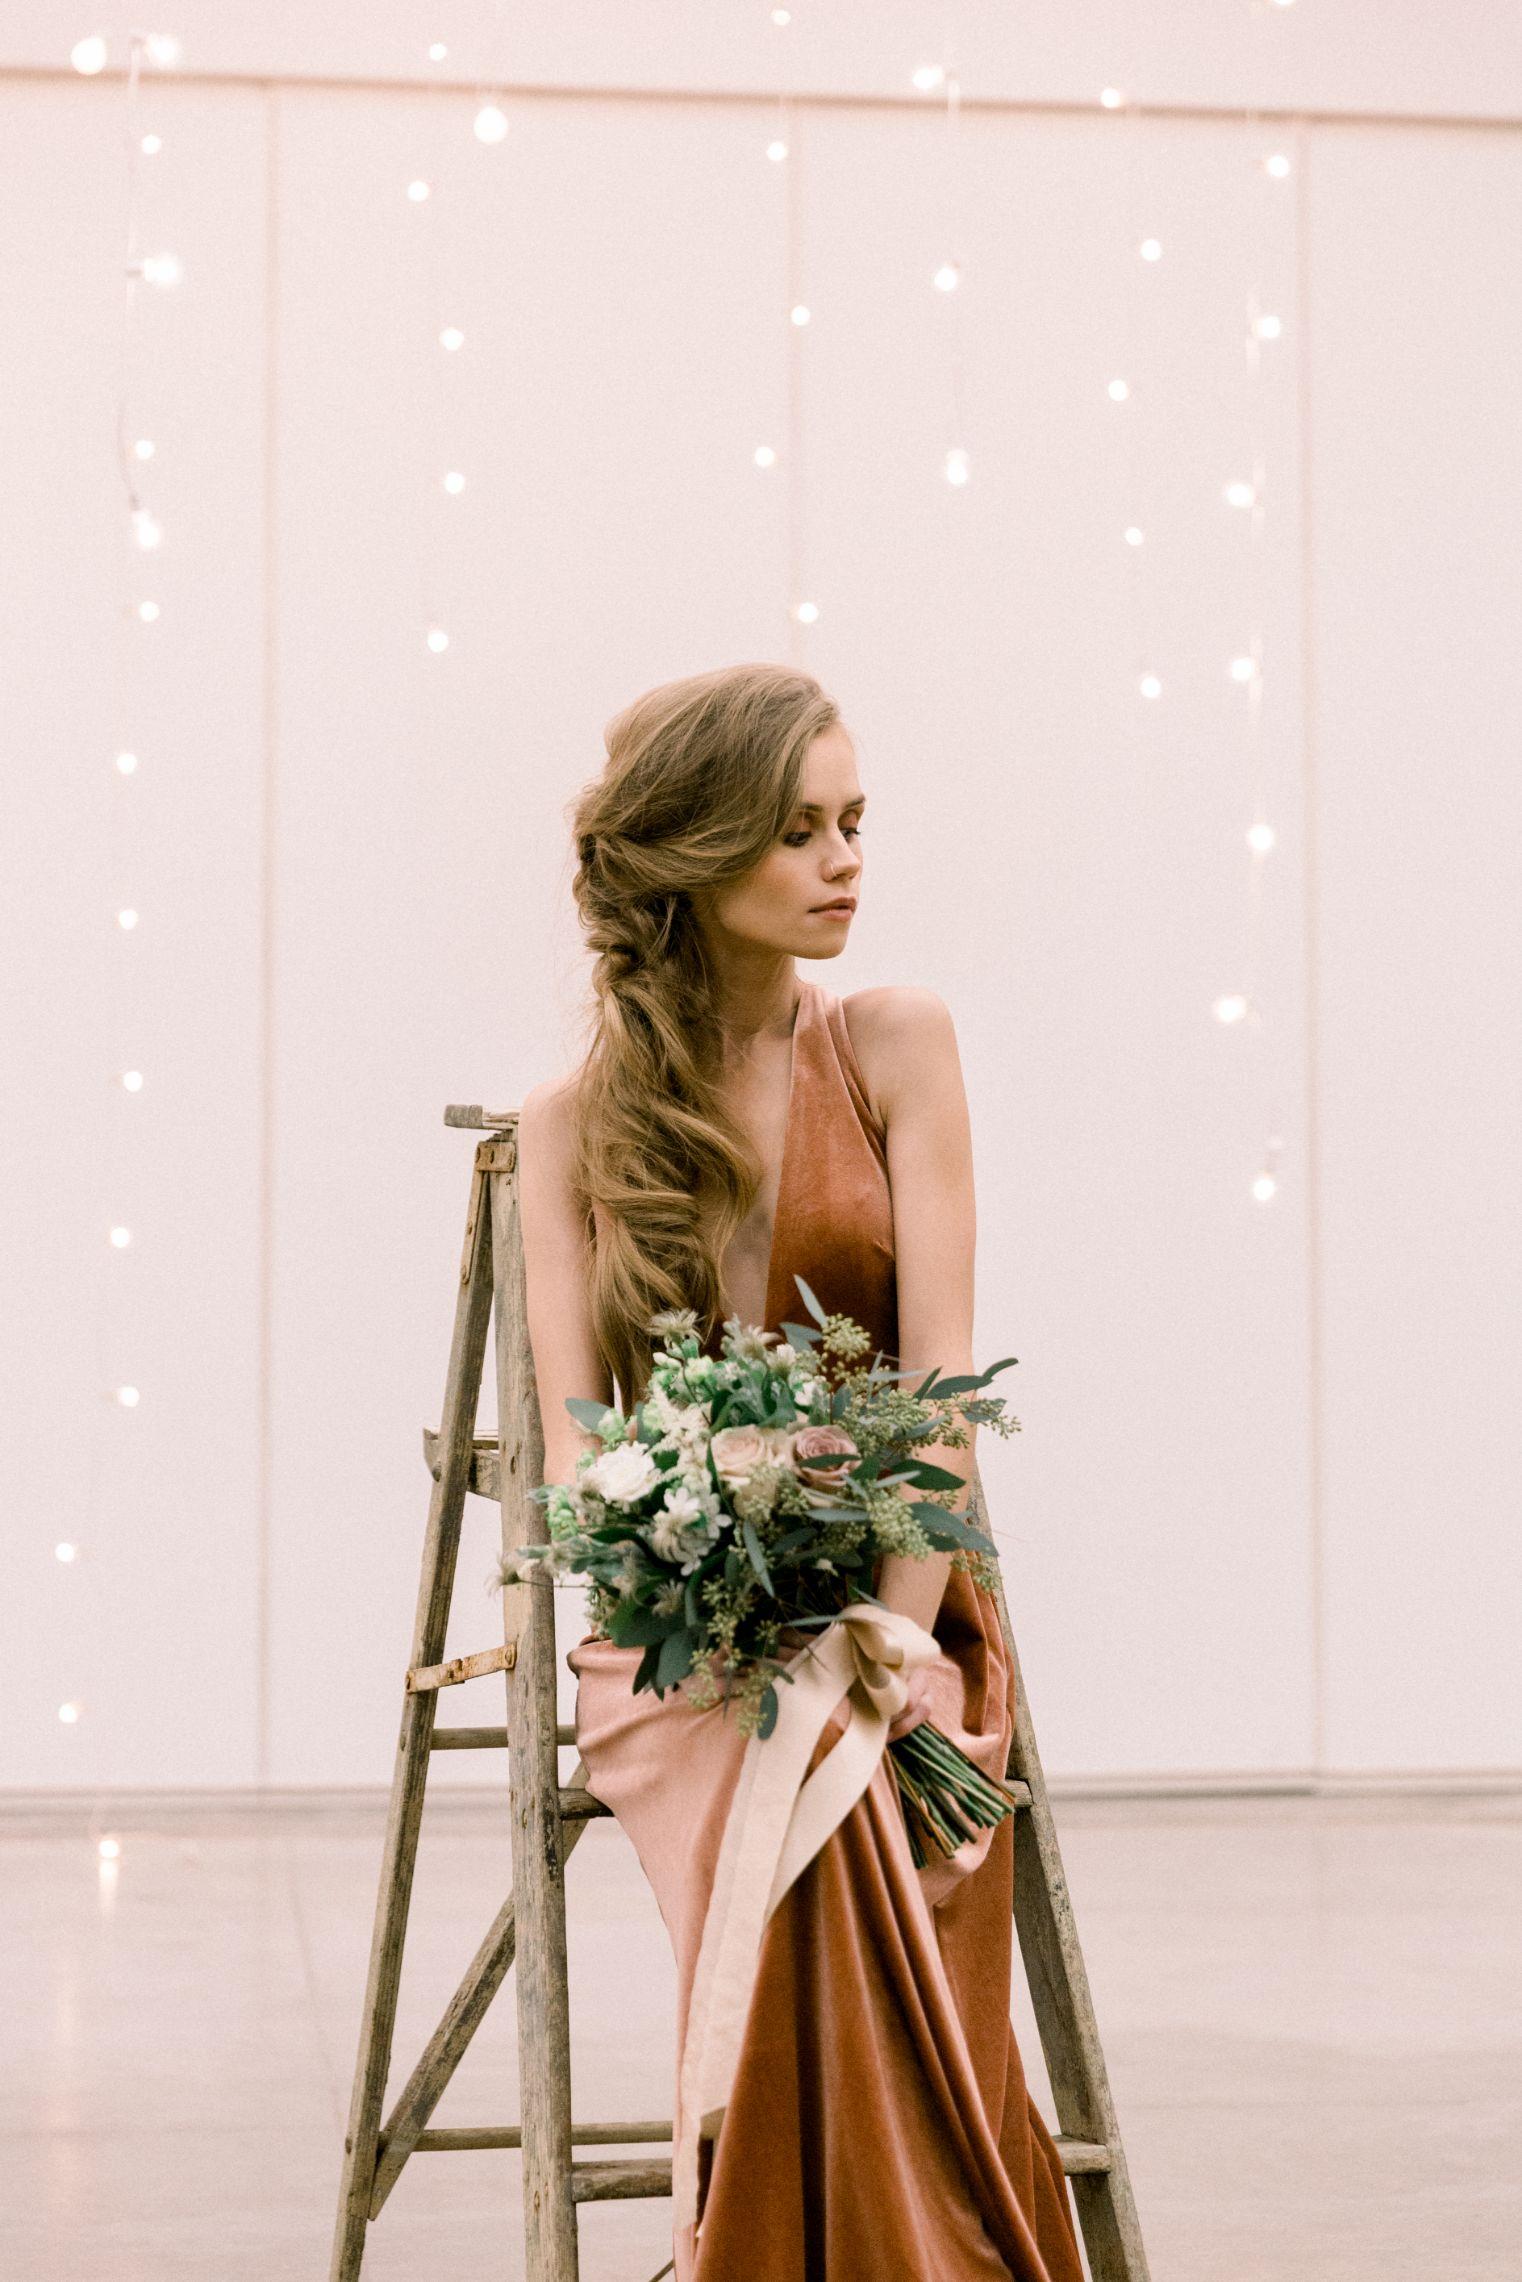 artists-for-humanity-industrial-bohemian-wedding-daylynn-designs308.jpg